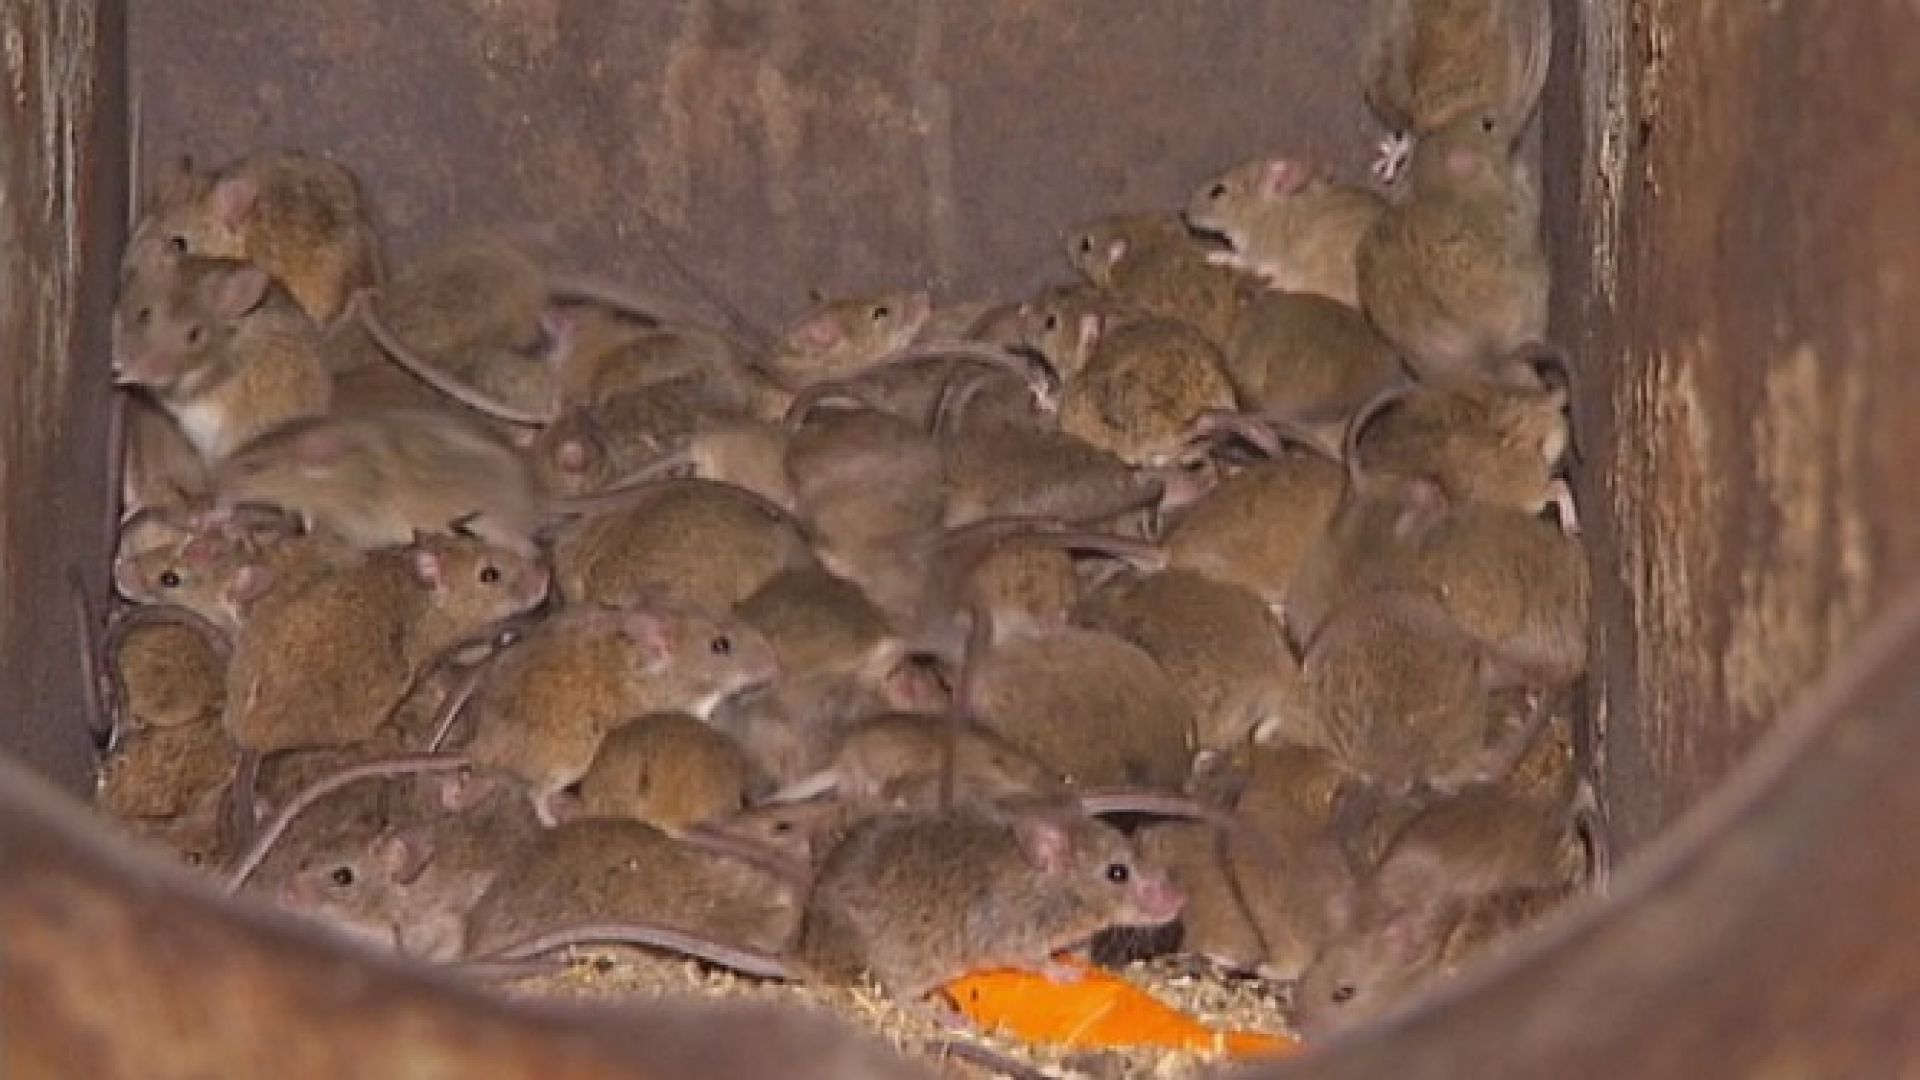 Нашествие на милиони мишки в Нов Южен Уелс, влизат в къщите и леглата (видео)